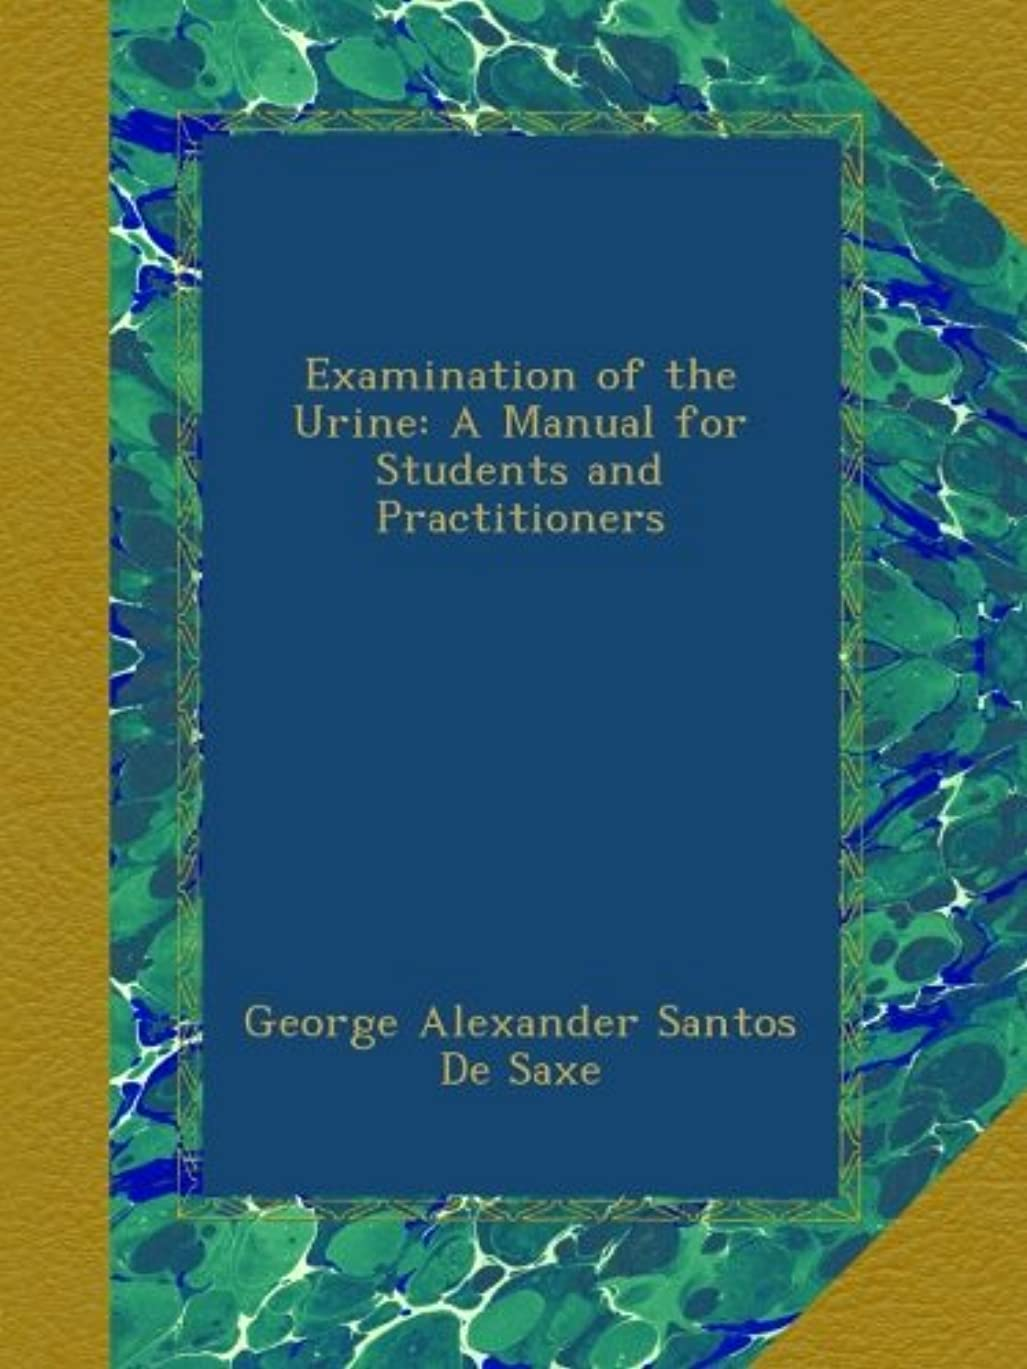 サリーコンサートお父さんExamination of the Urine: A Manual for Students and Practitioners